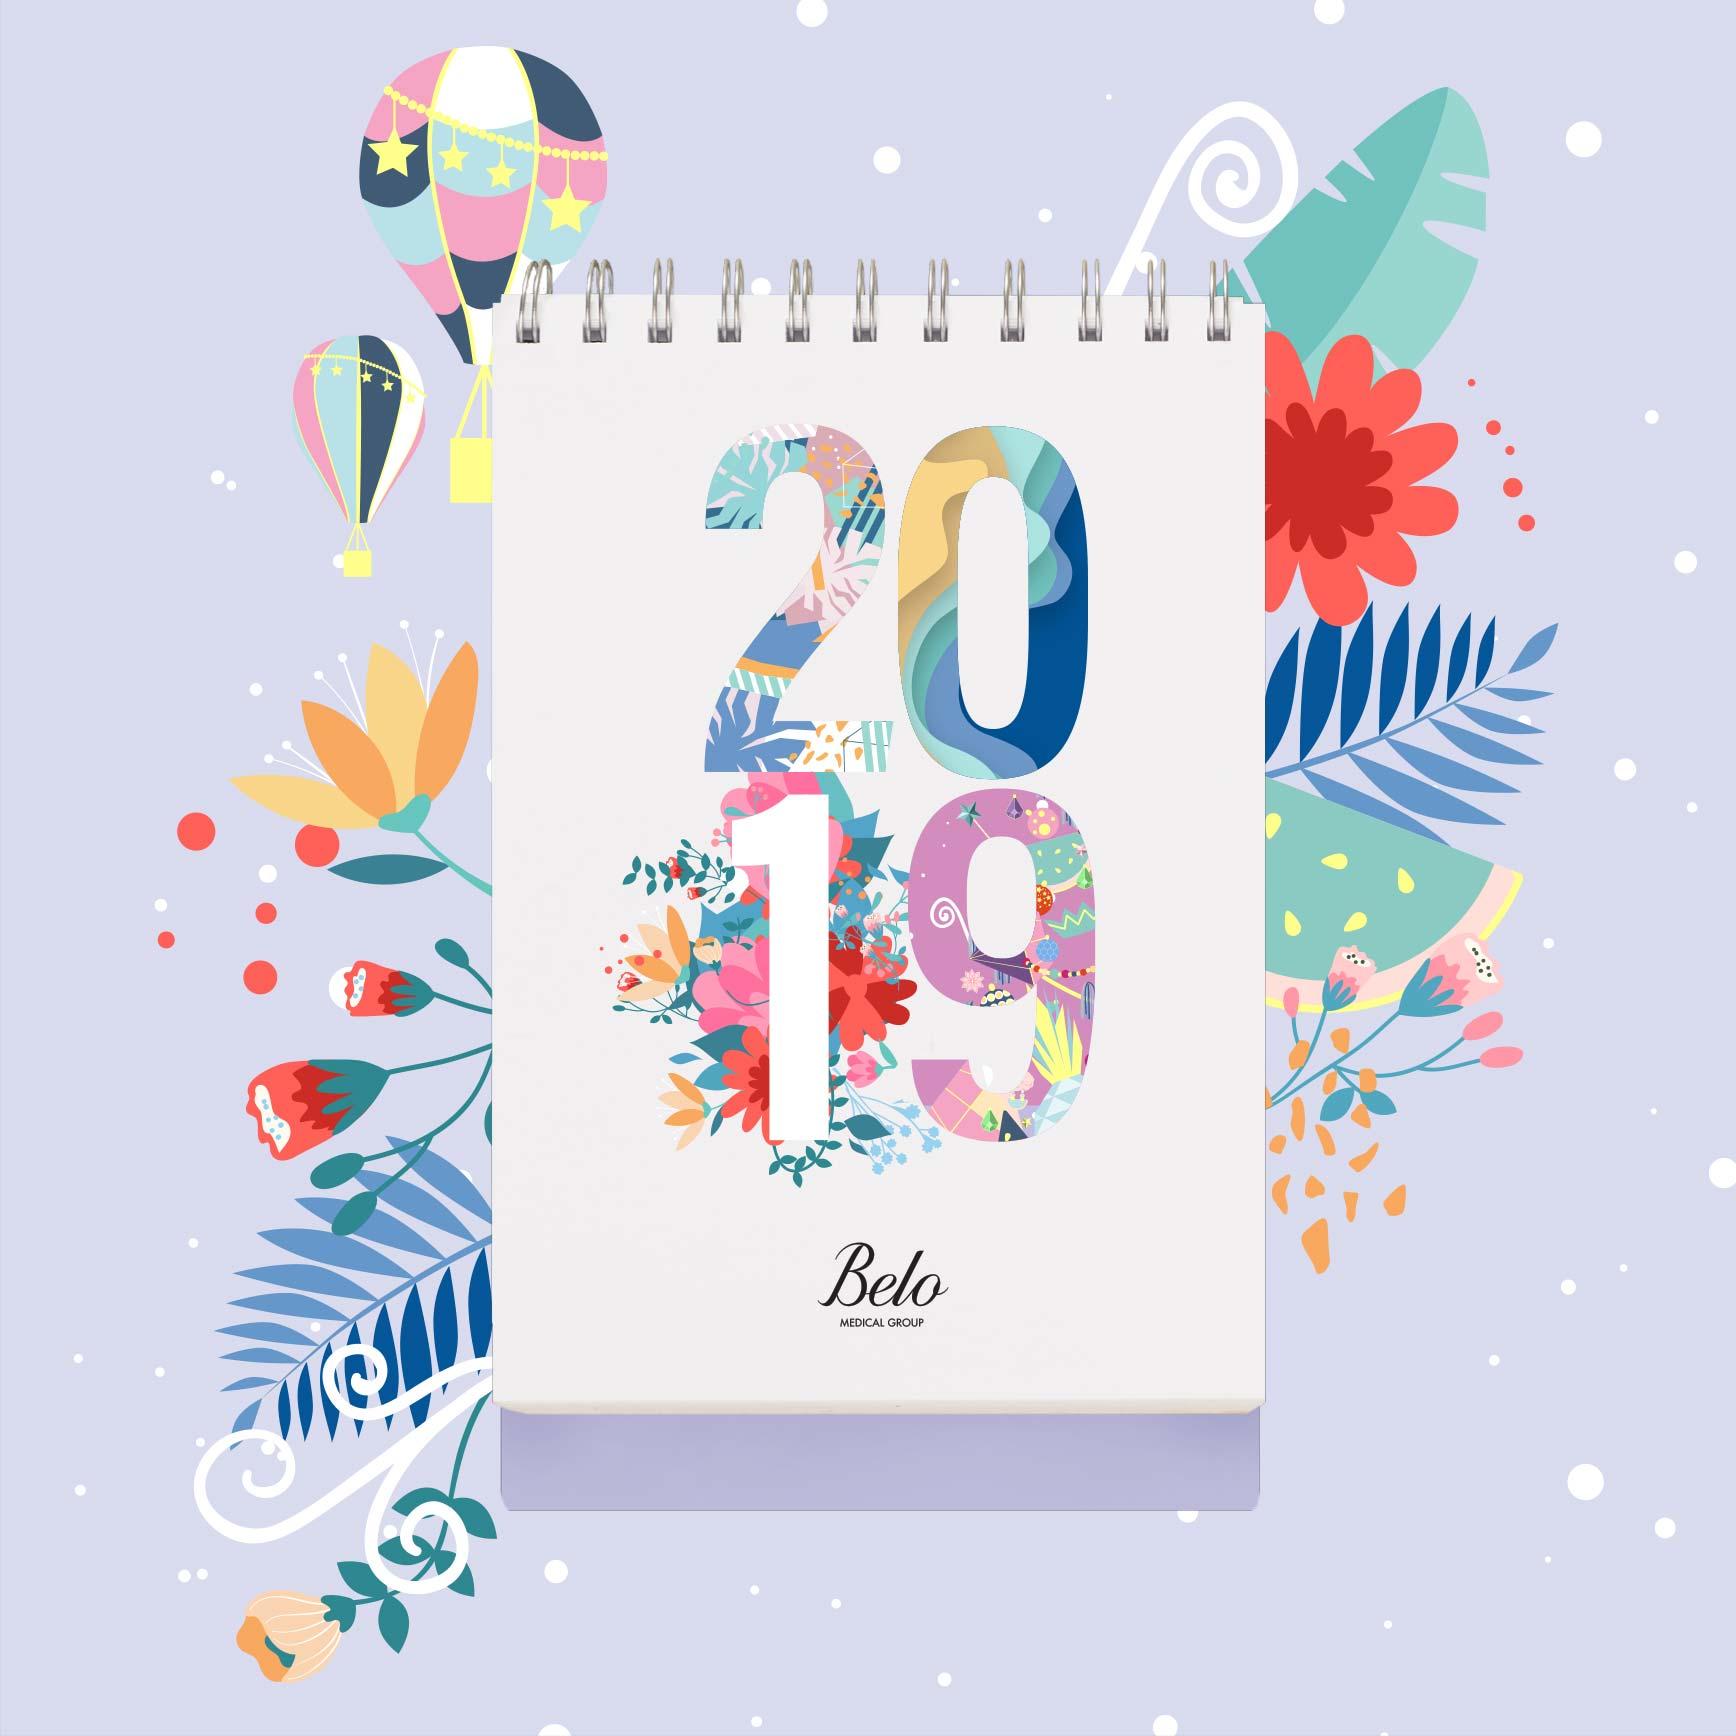 Belo 2019 Calendar